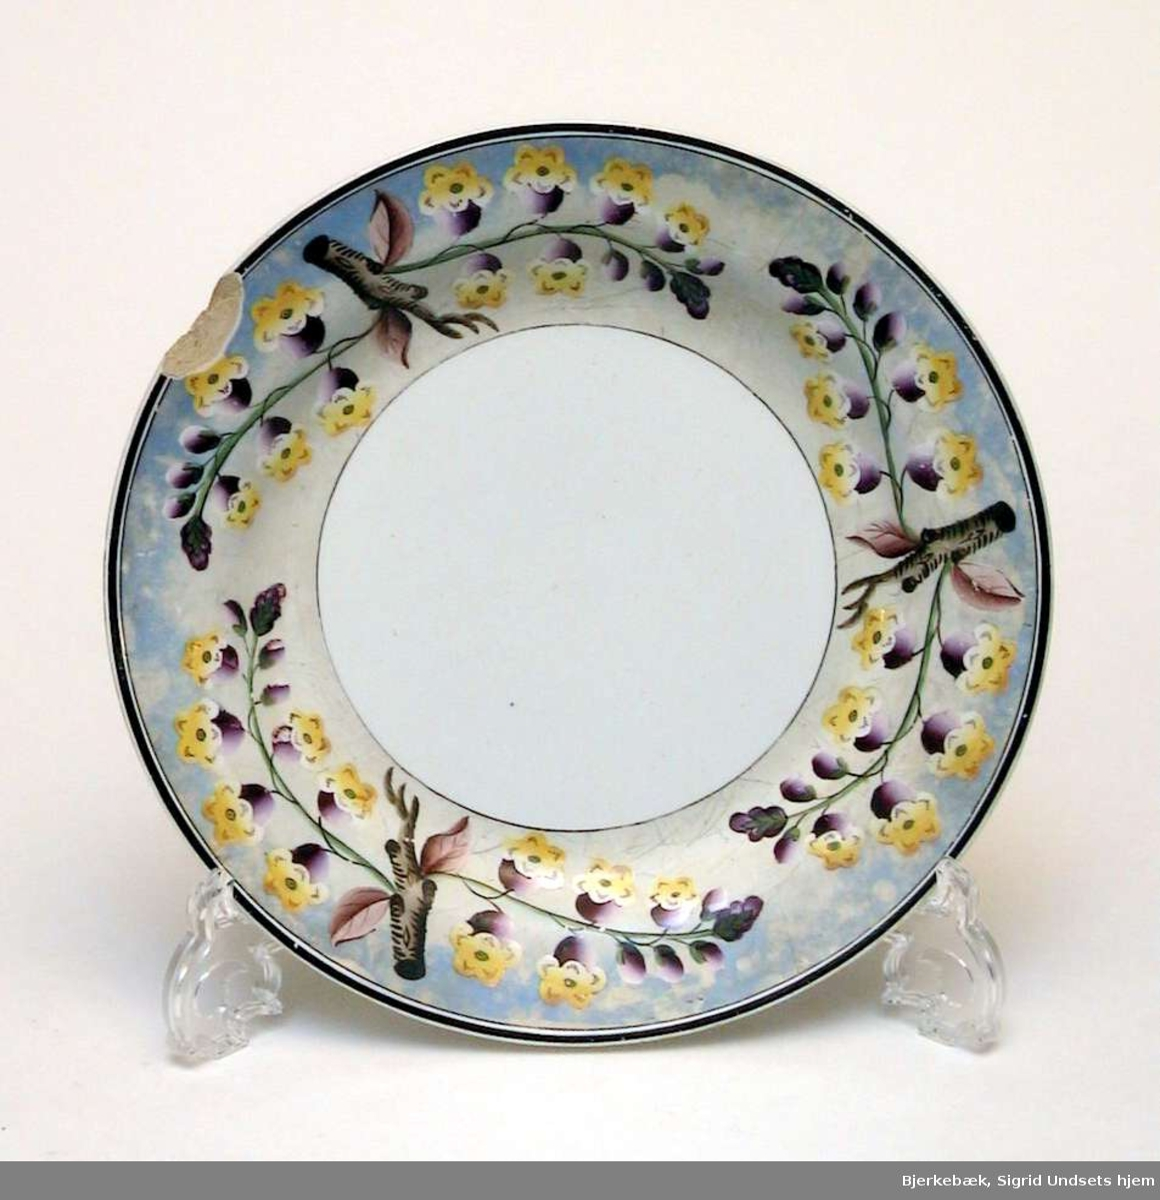 Tallerken i kremfarget keramikk med blomsterdekor i lilla og gult på blå-grå bakgrunn. Det er slått et stort skår av kanten på tallerkenen.